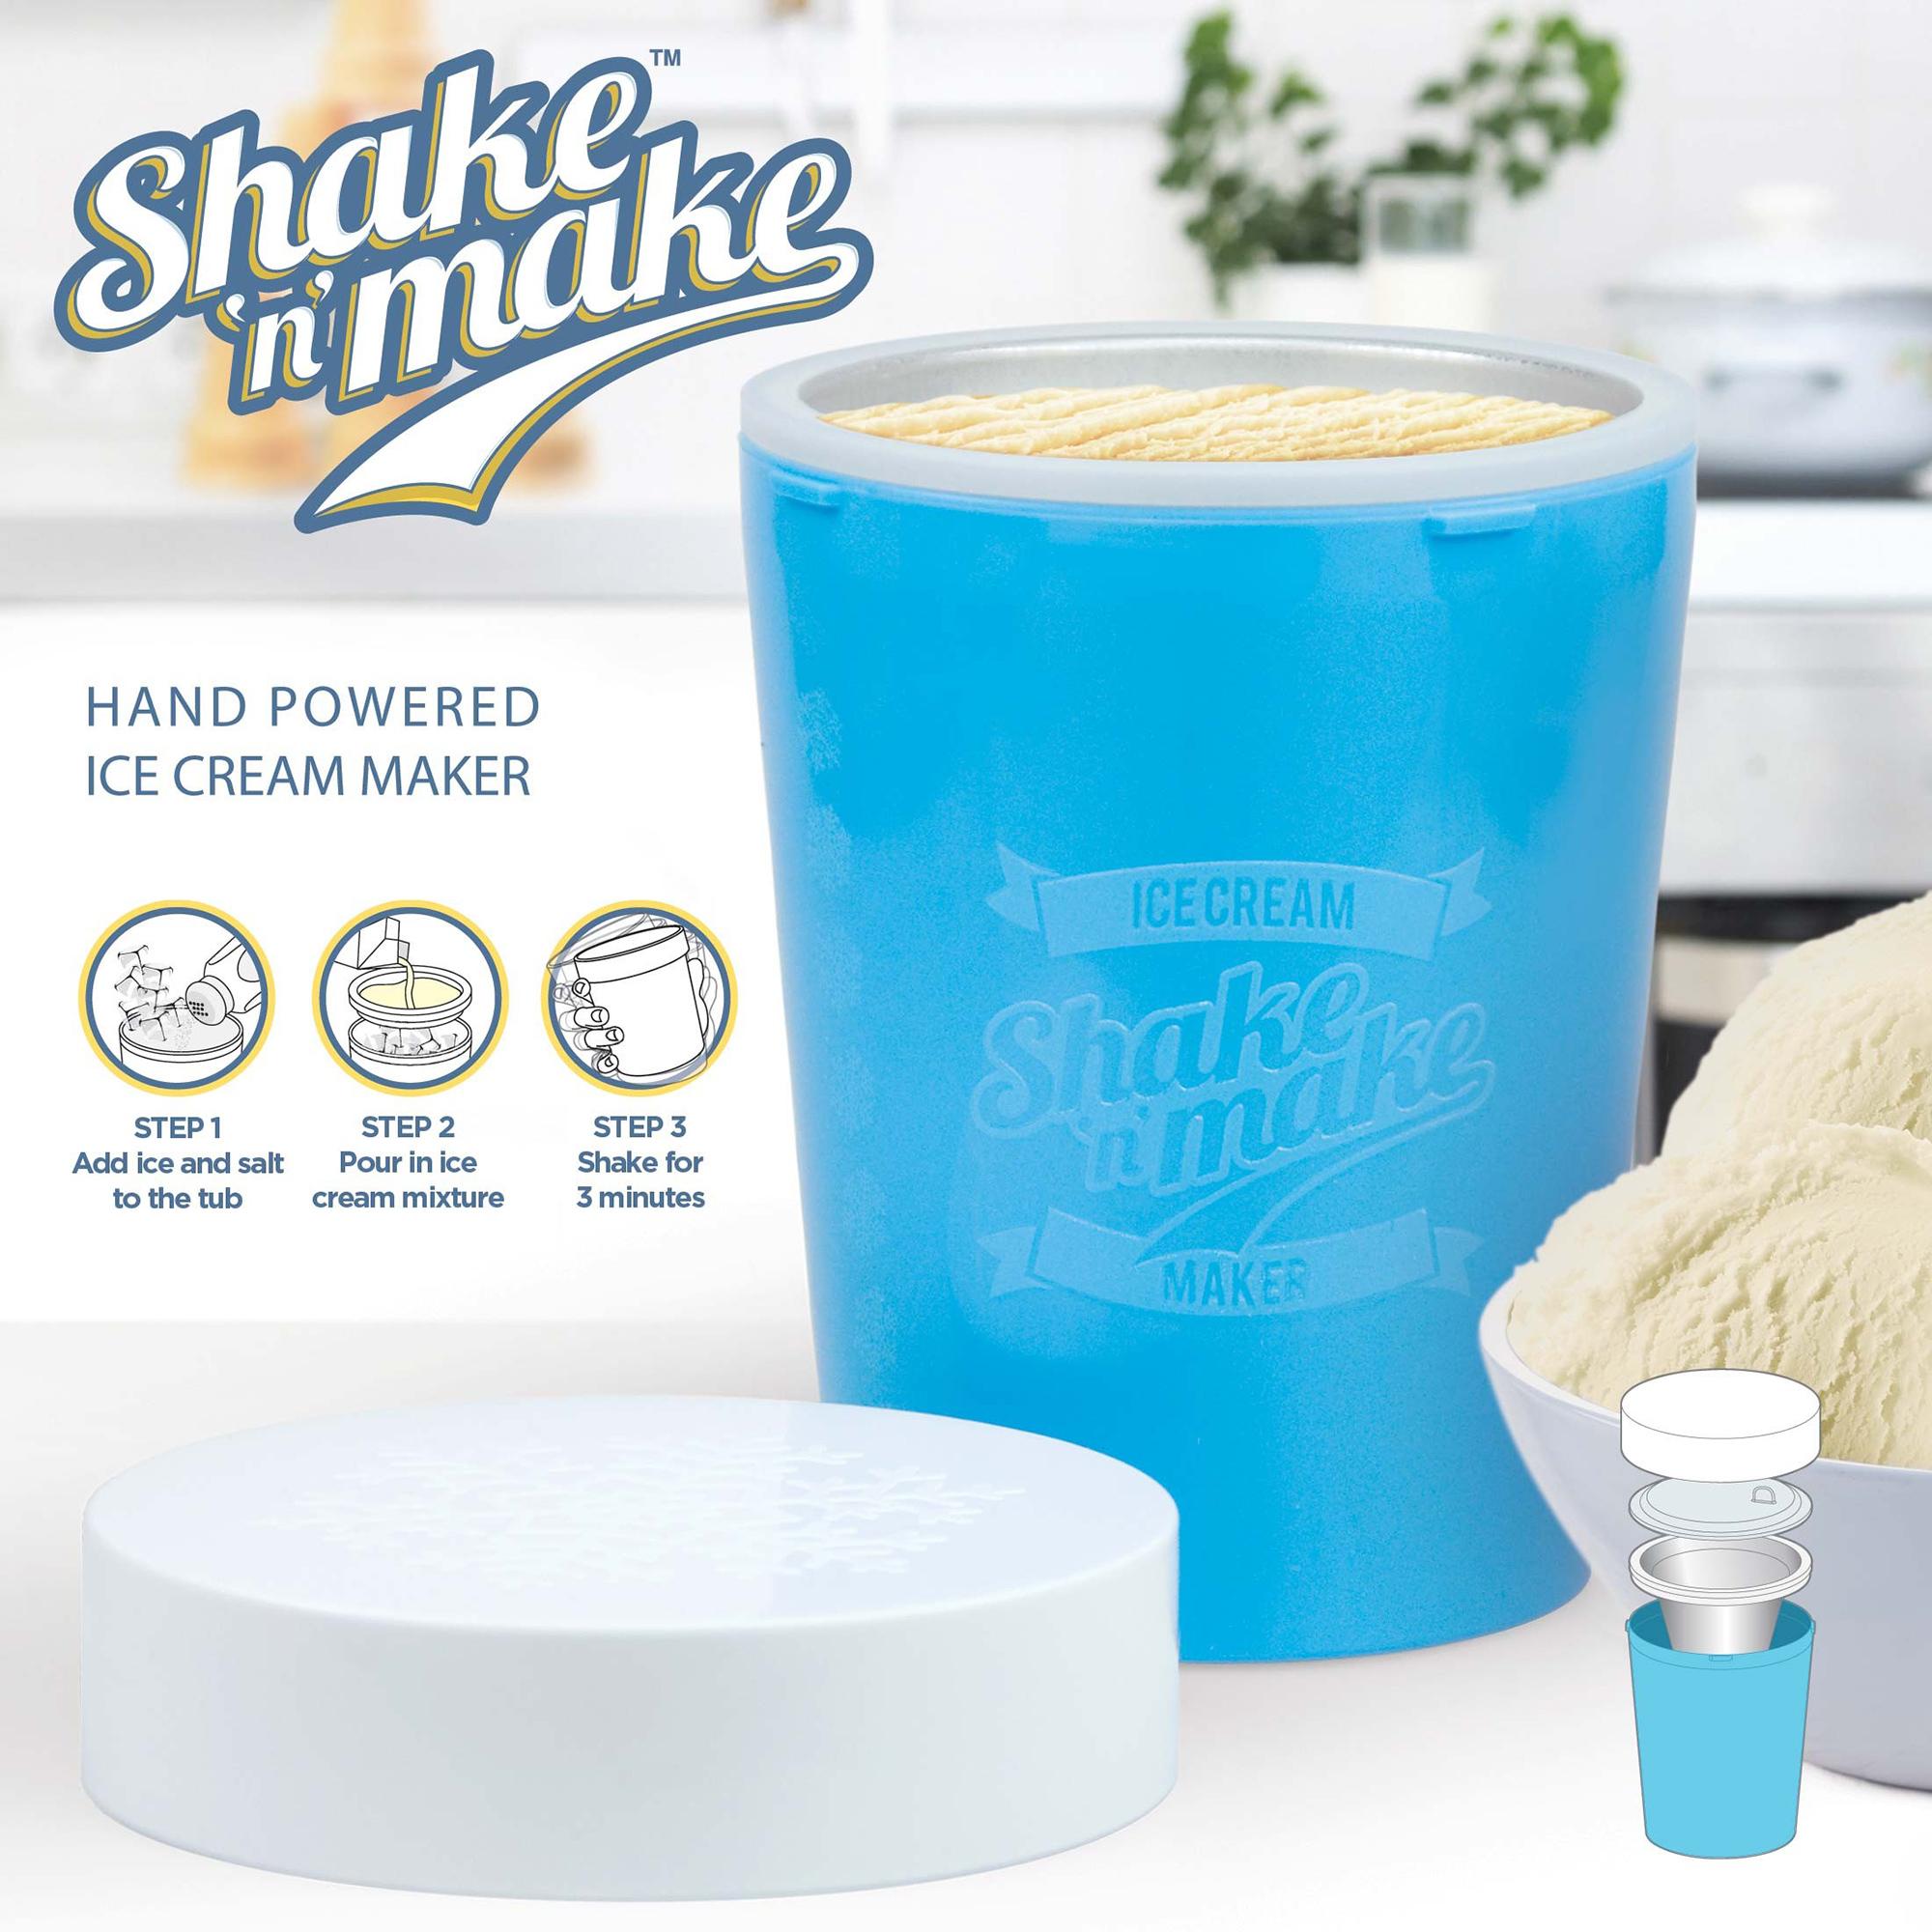 Mustard Shake n Make Hand Powered Ice Cream Maker